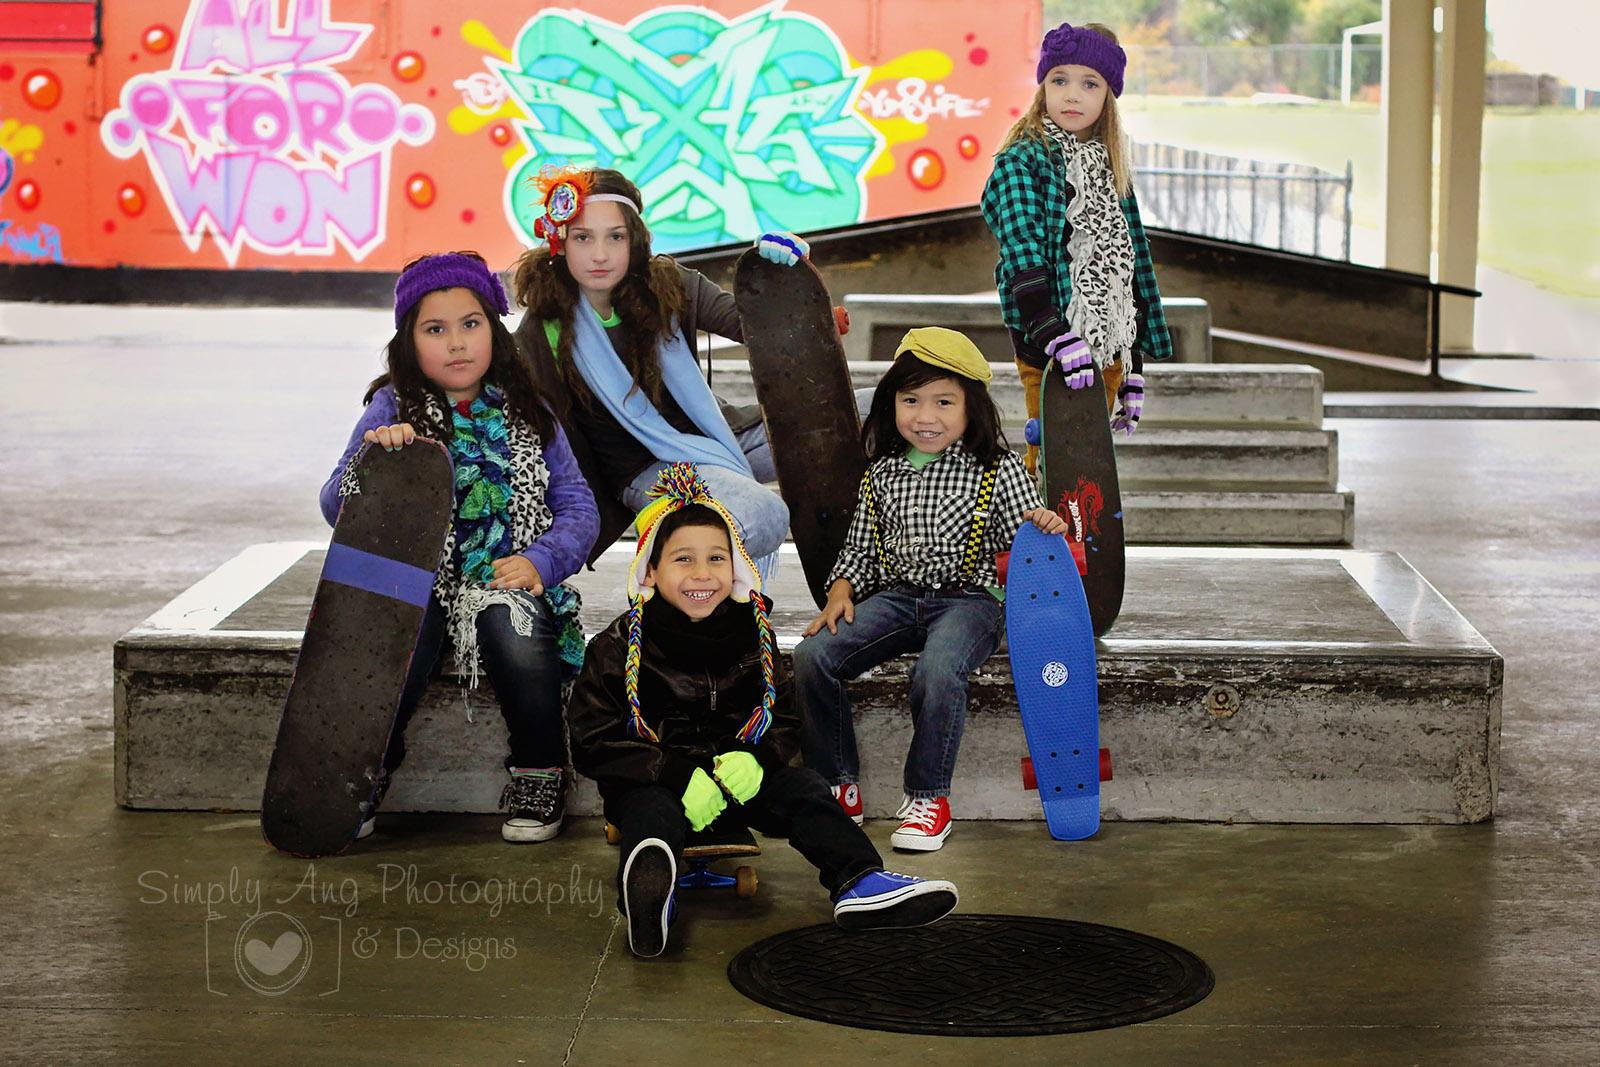 Model Life Skater Shoot!